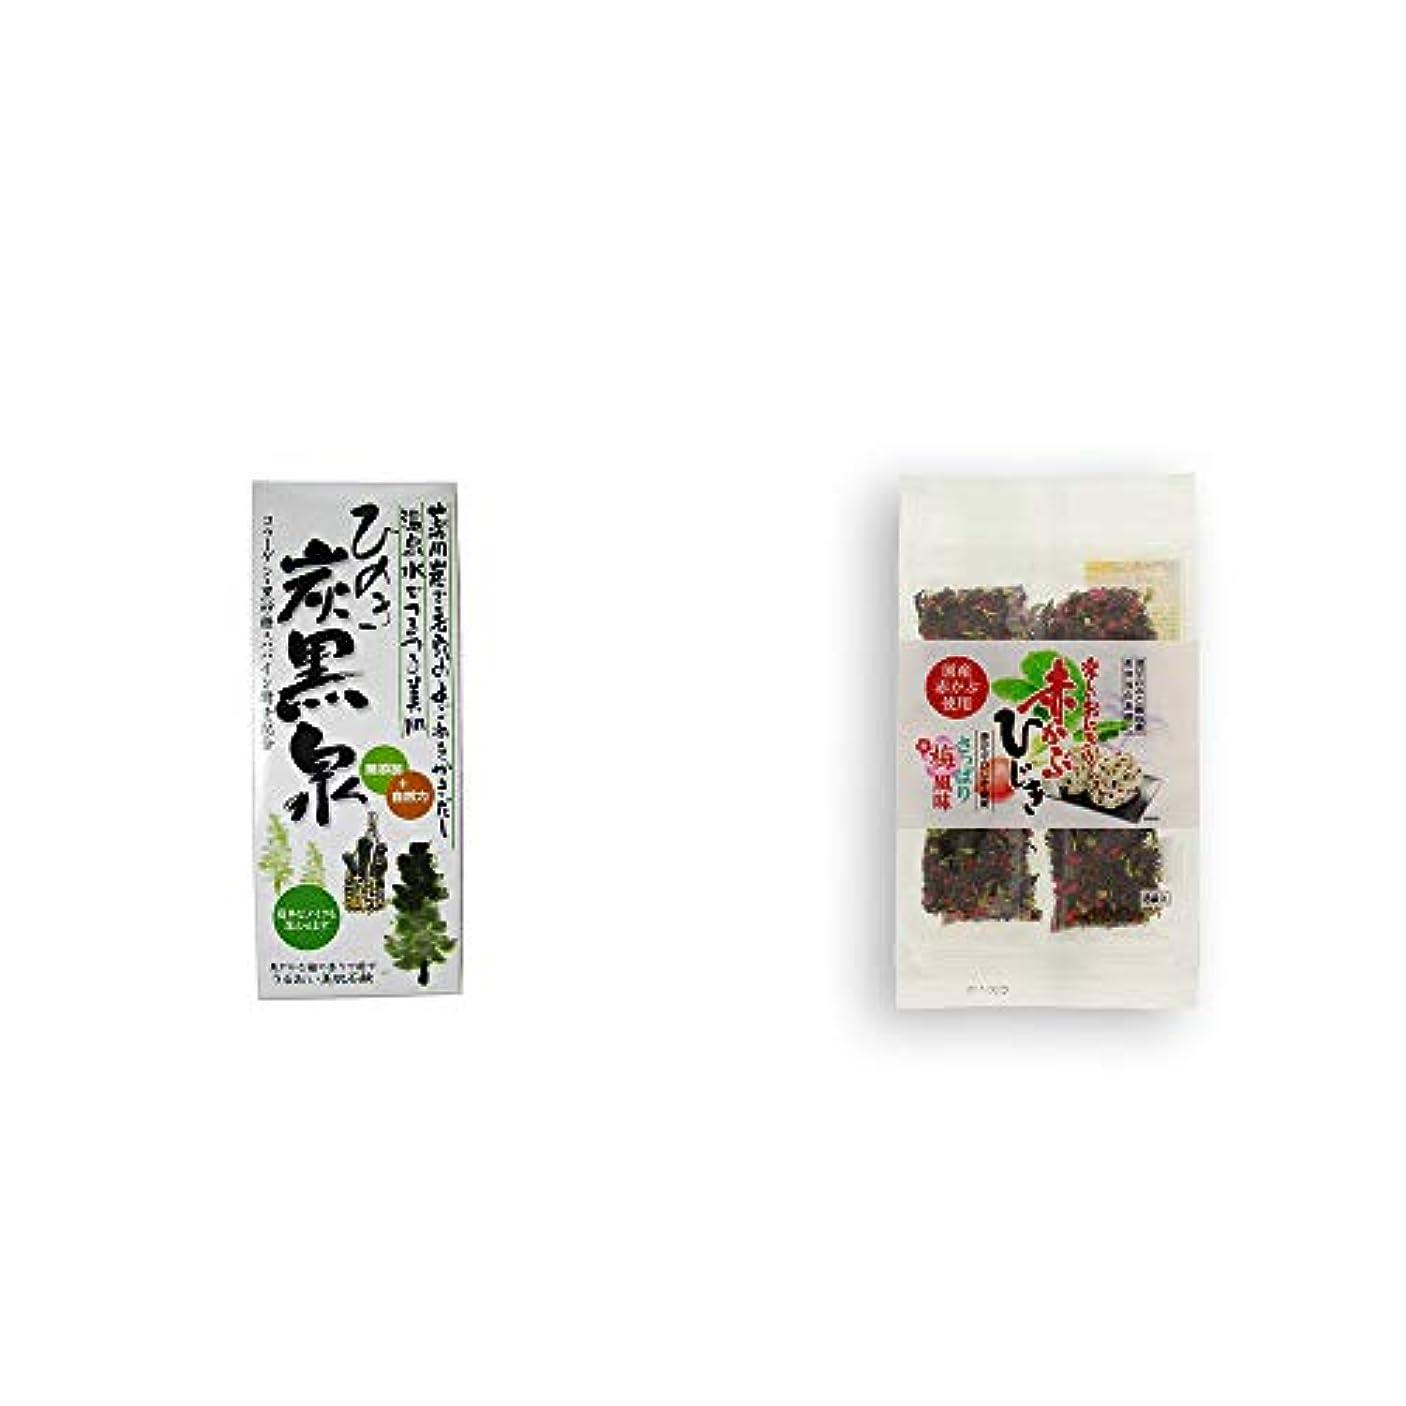 シャワーライラック願望[2点セット] ひのき炭黒泉 箱入り(75g×3)・楽しいおにぎり 赤かぶひじき(8g×8袋)